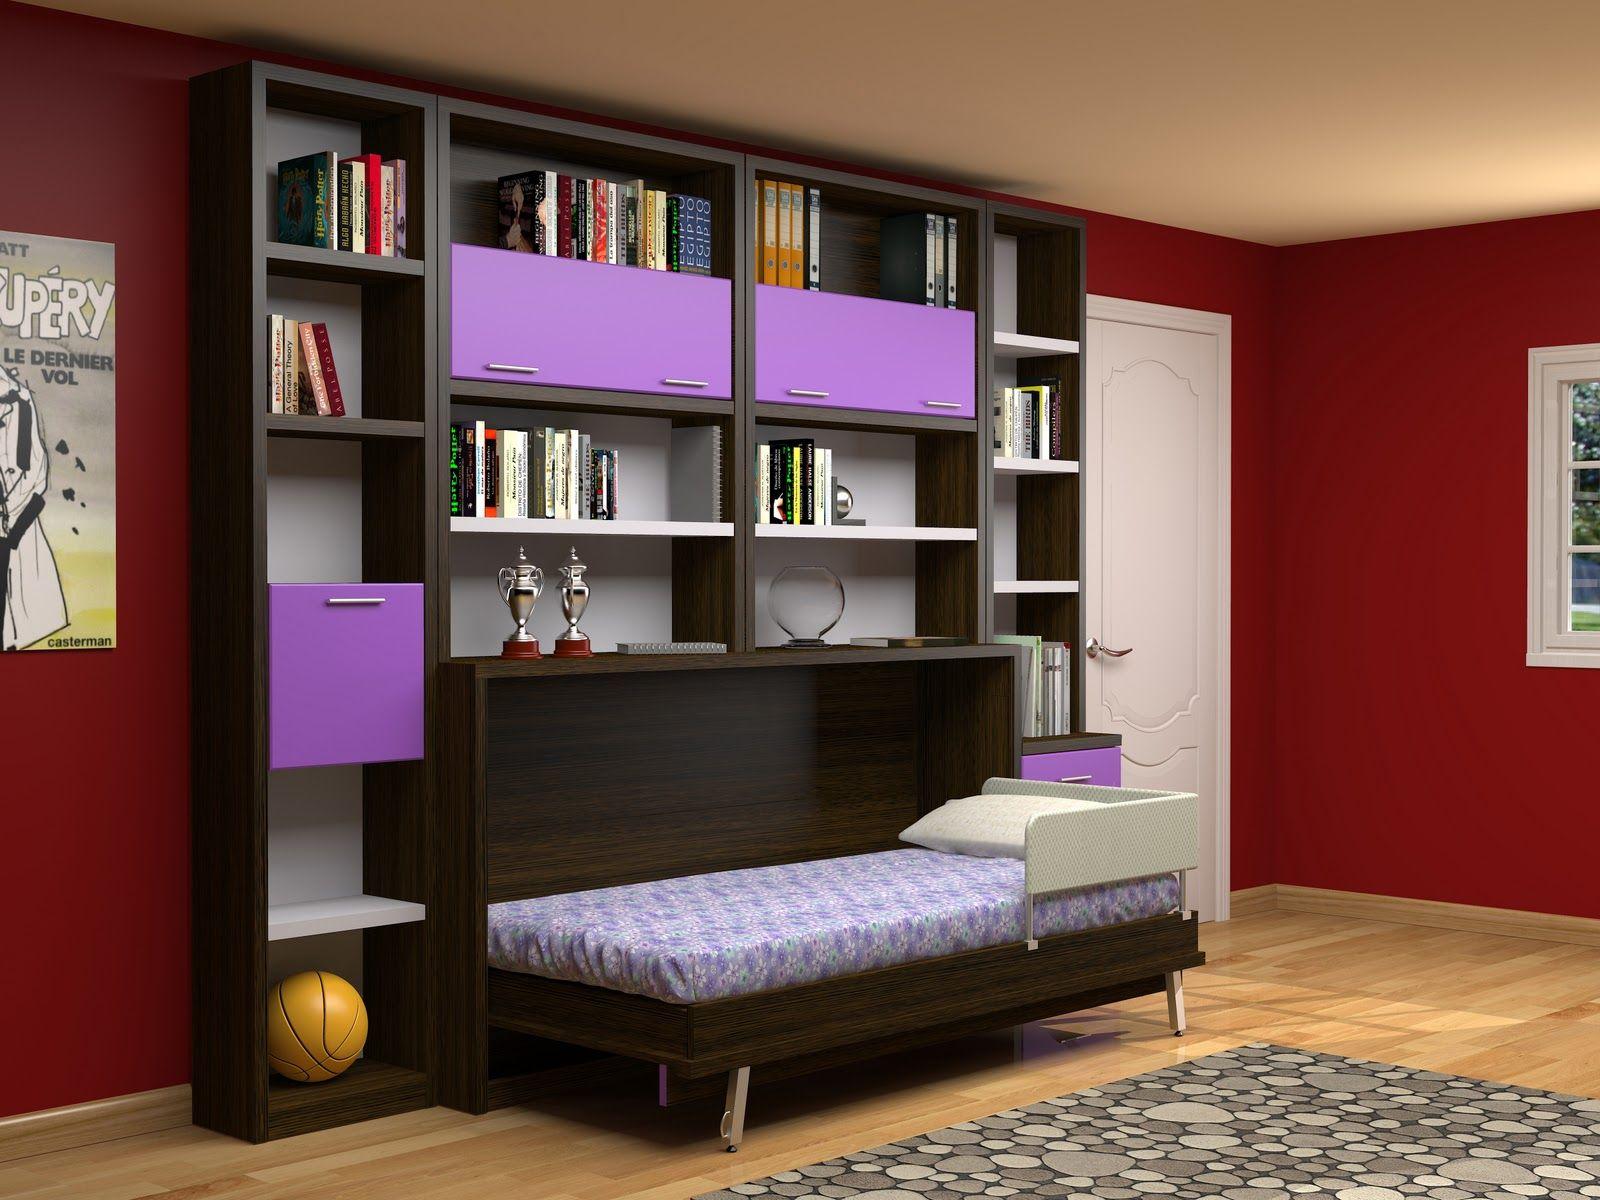 Closets modernos para espacios peque os google search for Closet para espacios pequenos